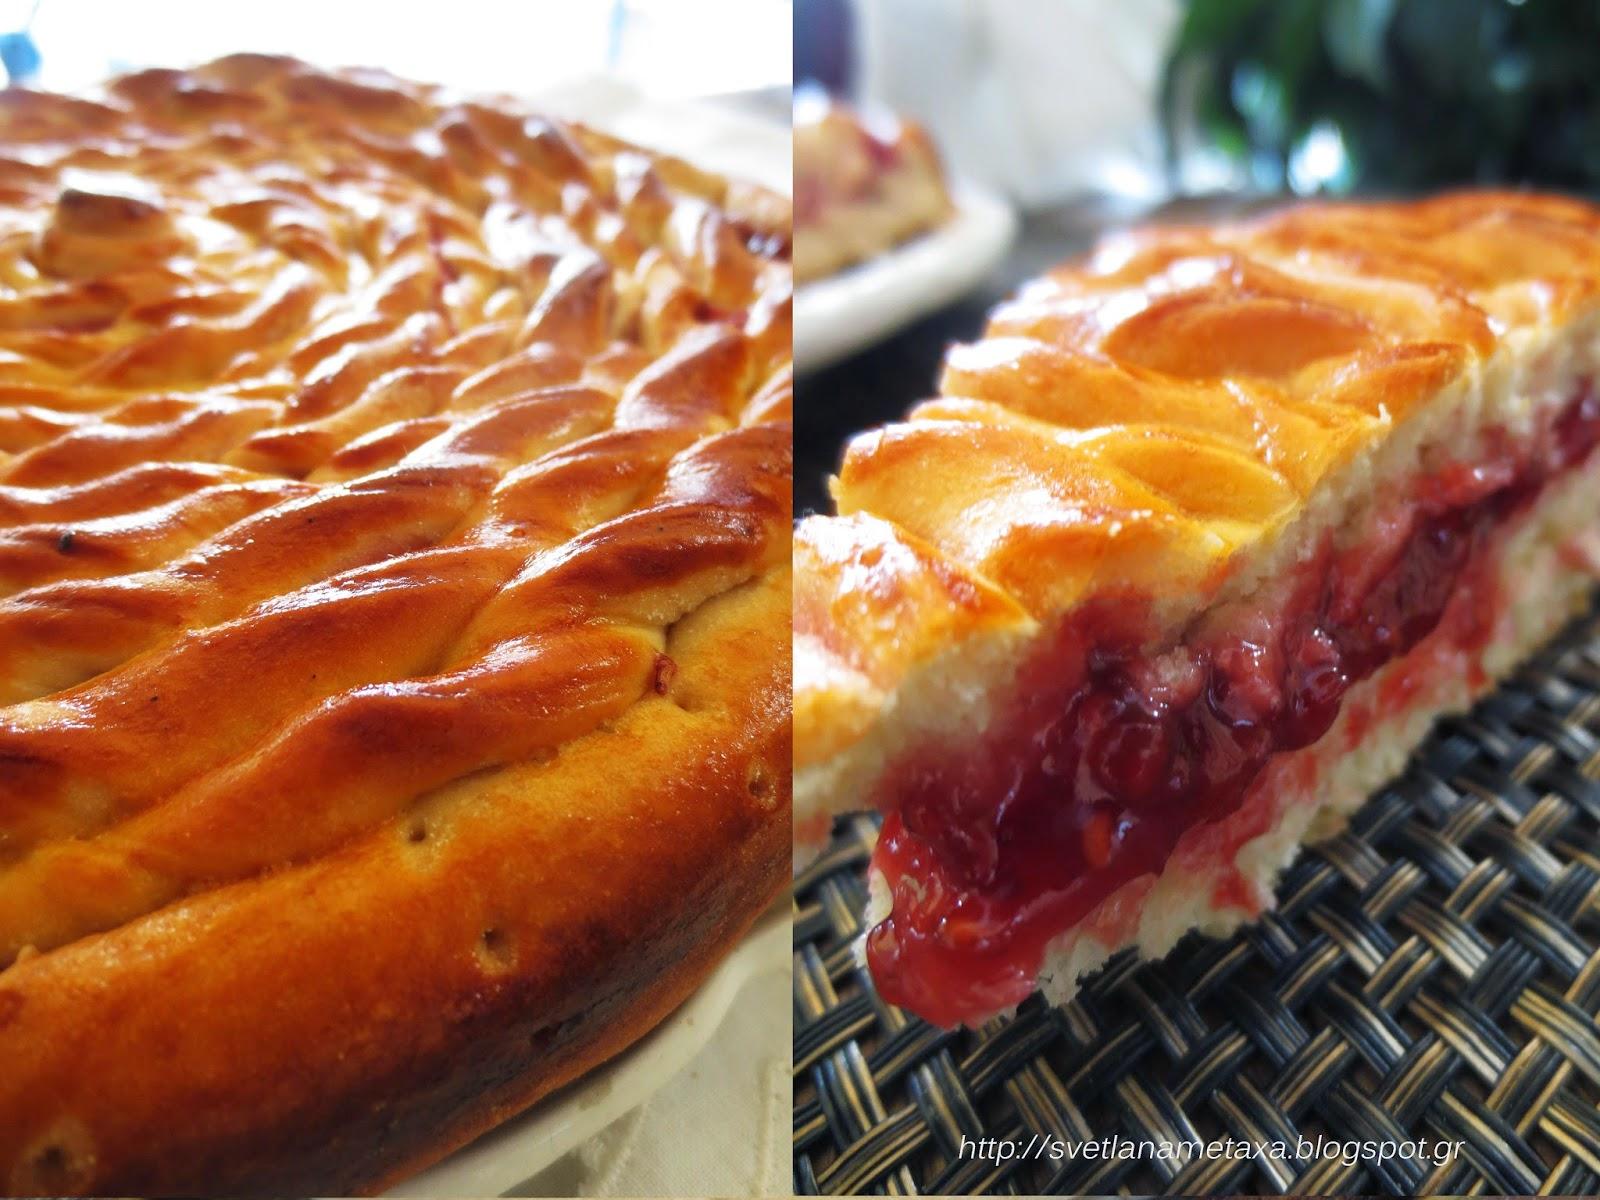 Пироги рецепты пошагово сладкие